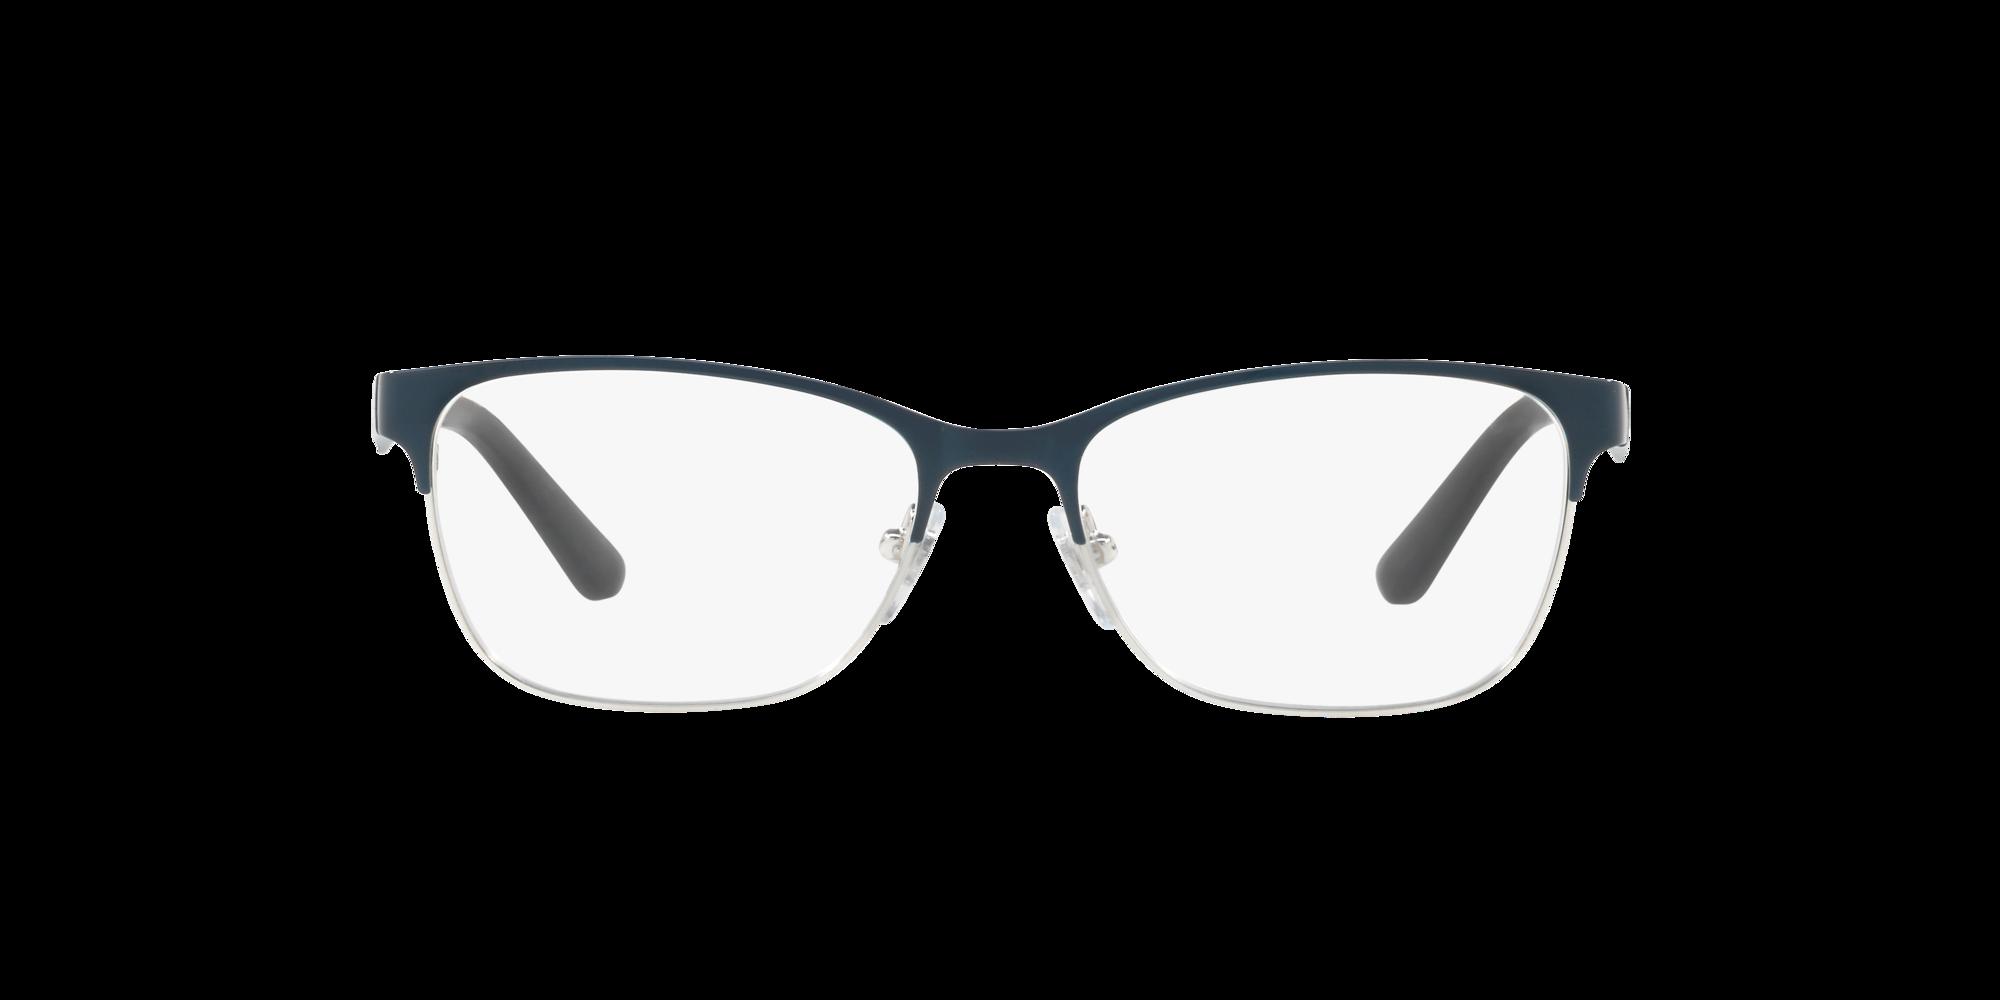 Imagen para VO3940 de LensCrafters |  Espejuelos, espejuelos graduados en línea, gafas